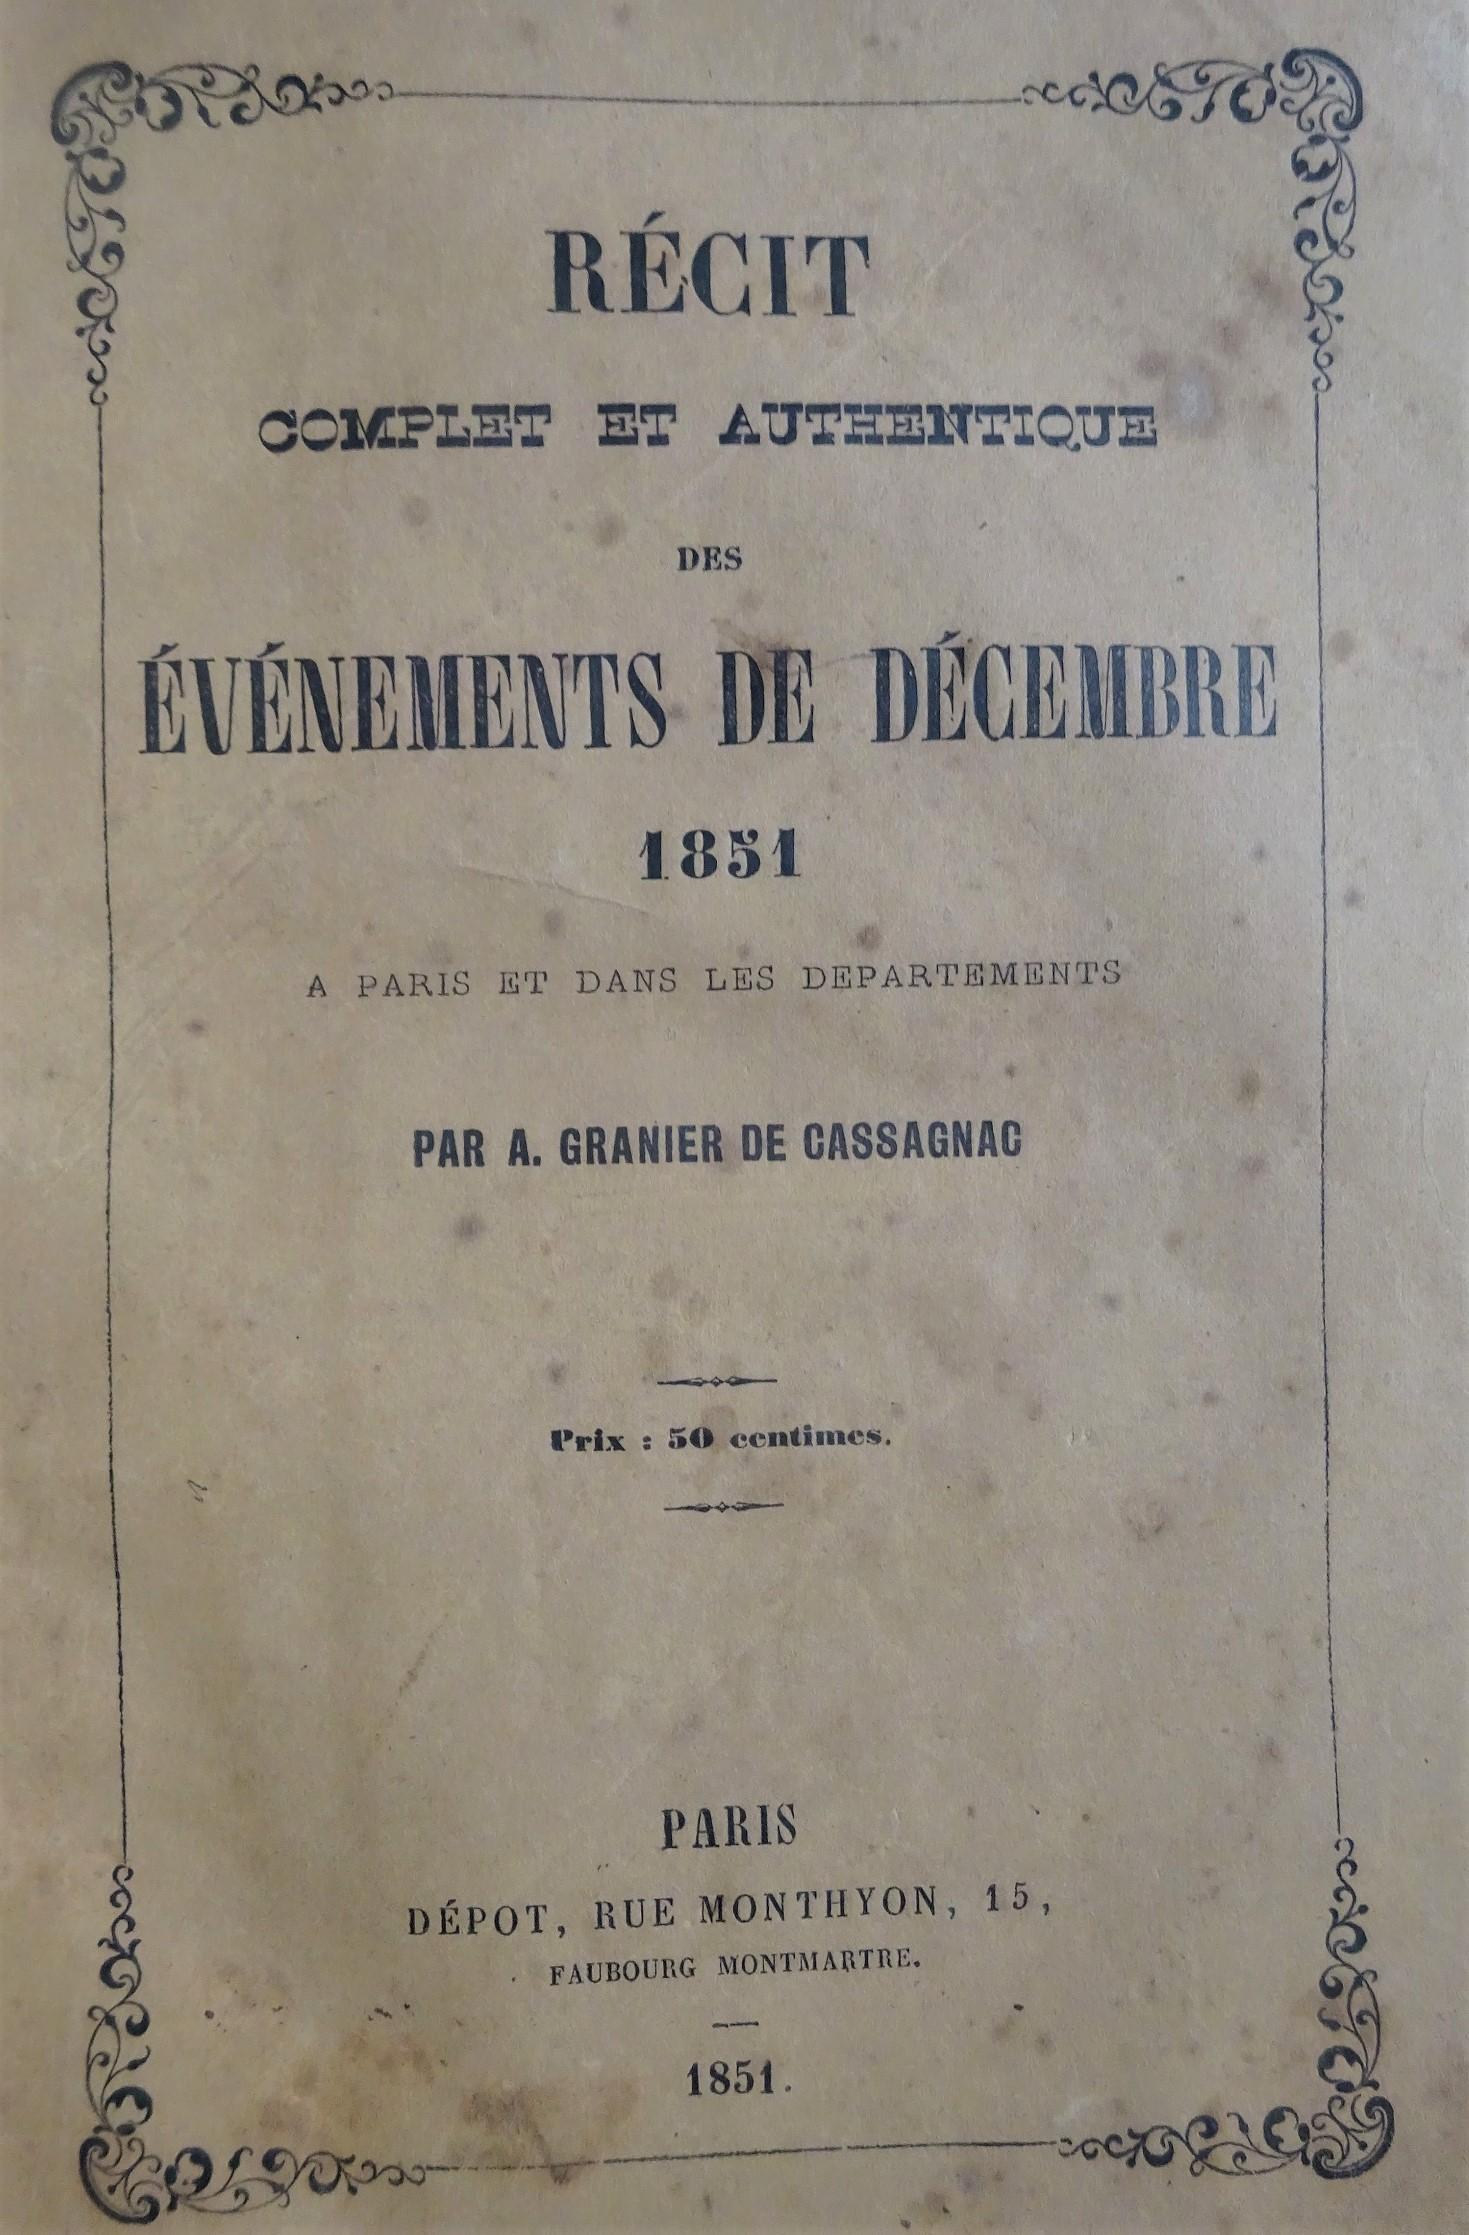 Récit complet et authentique des événements de décembre 1851